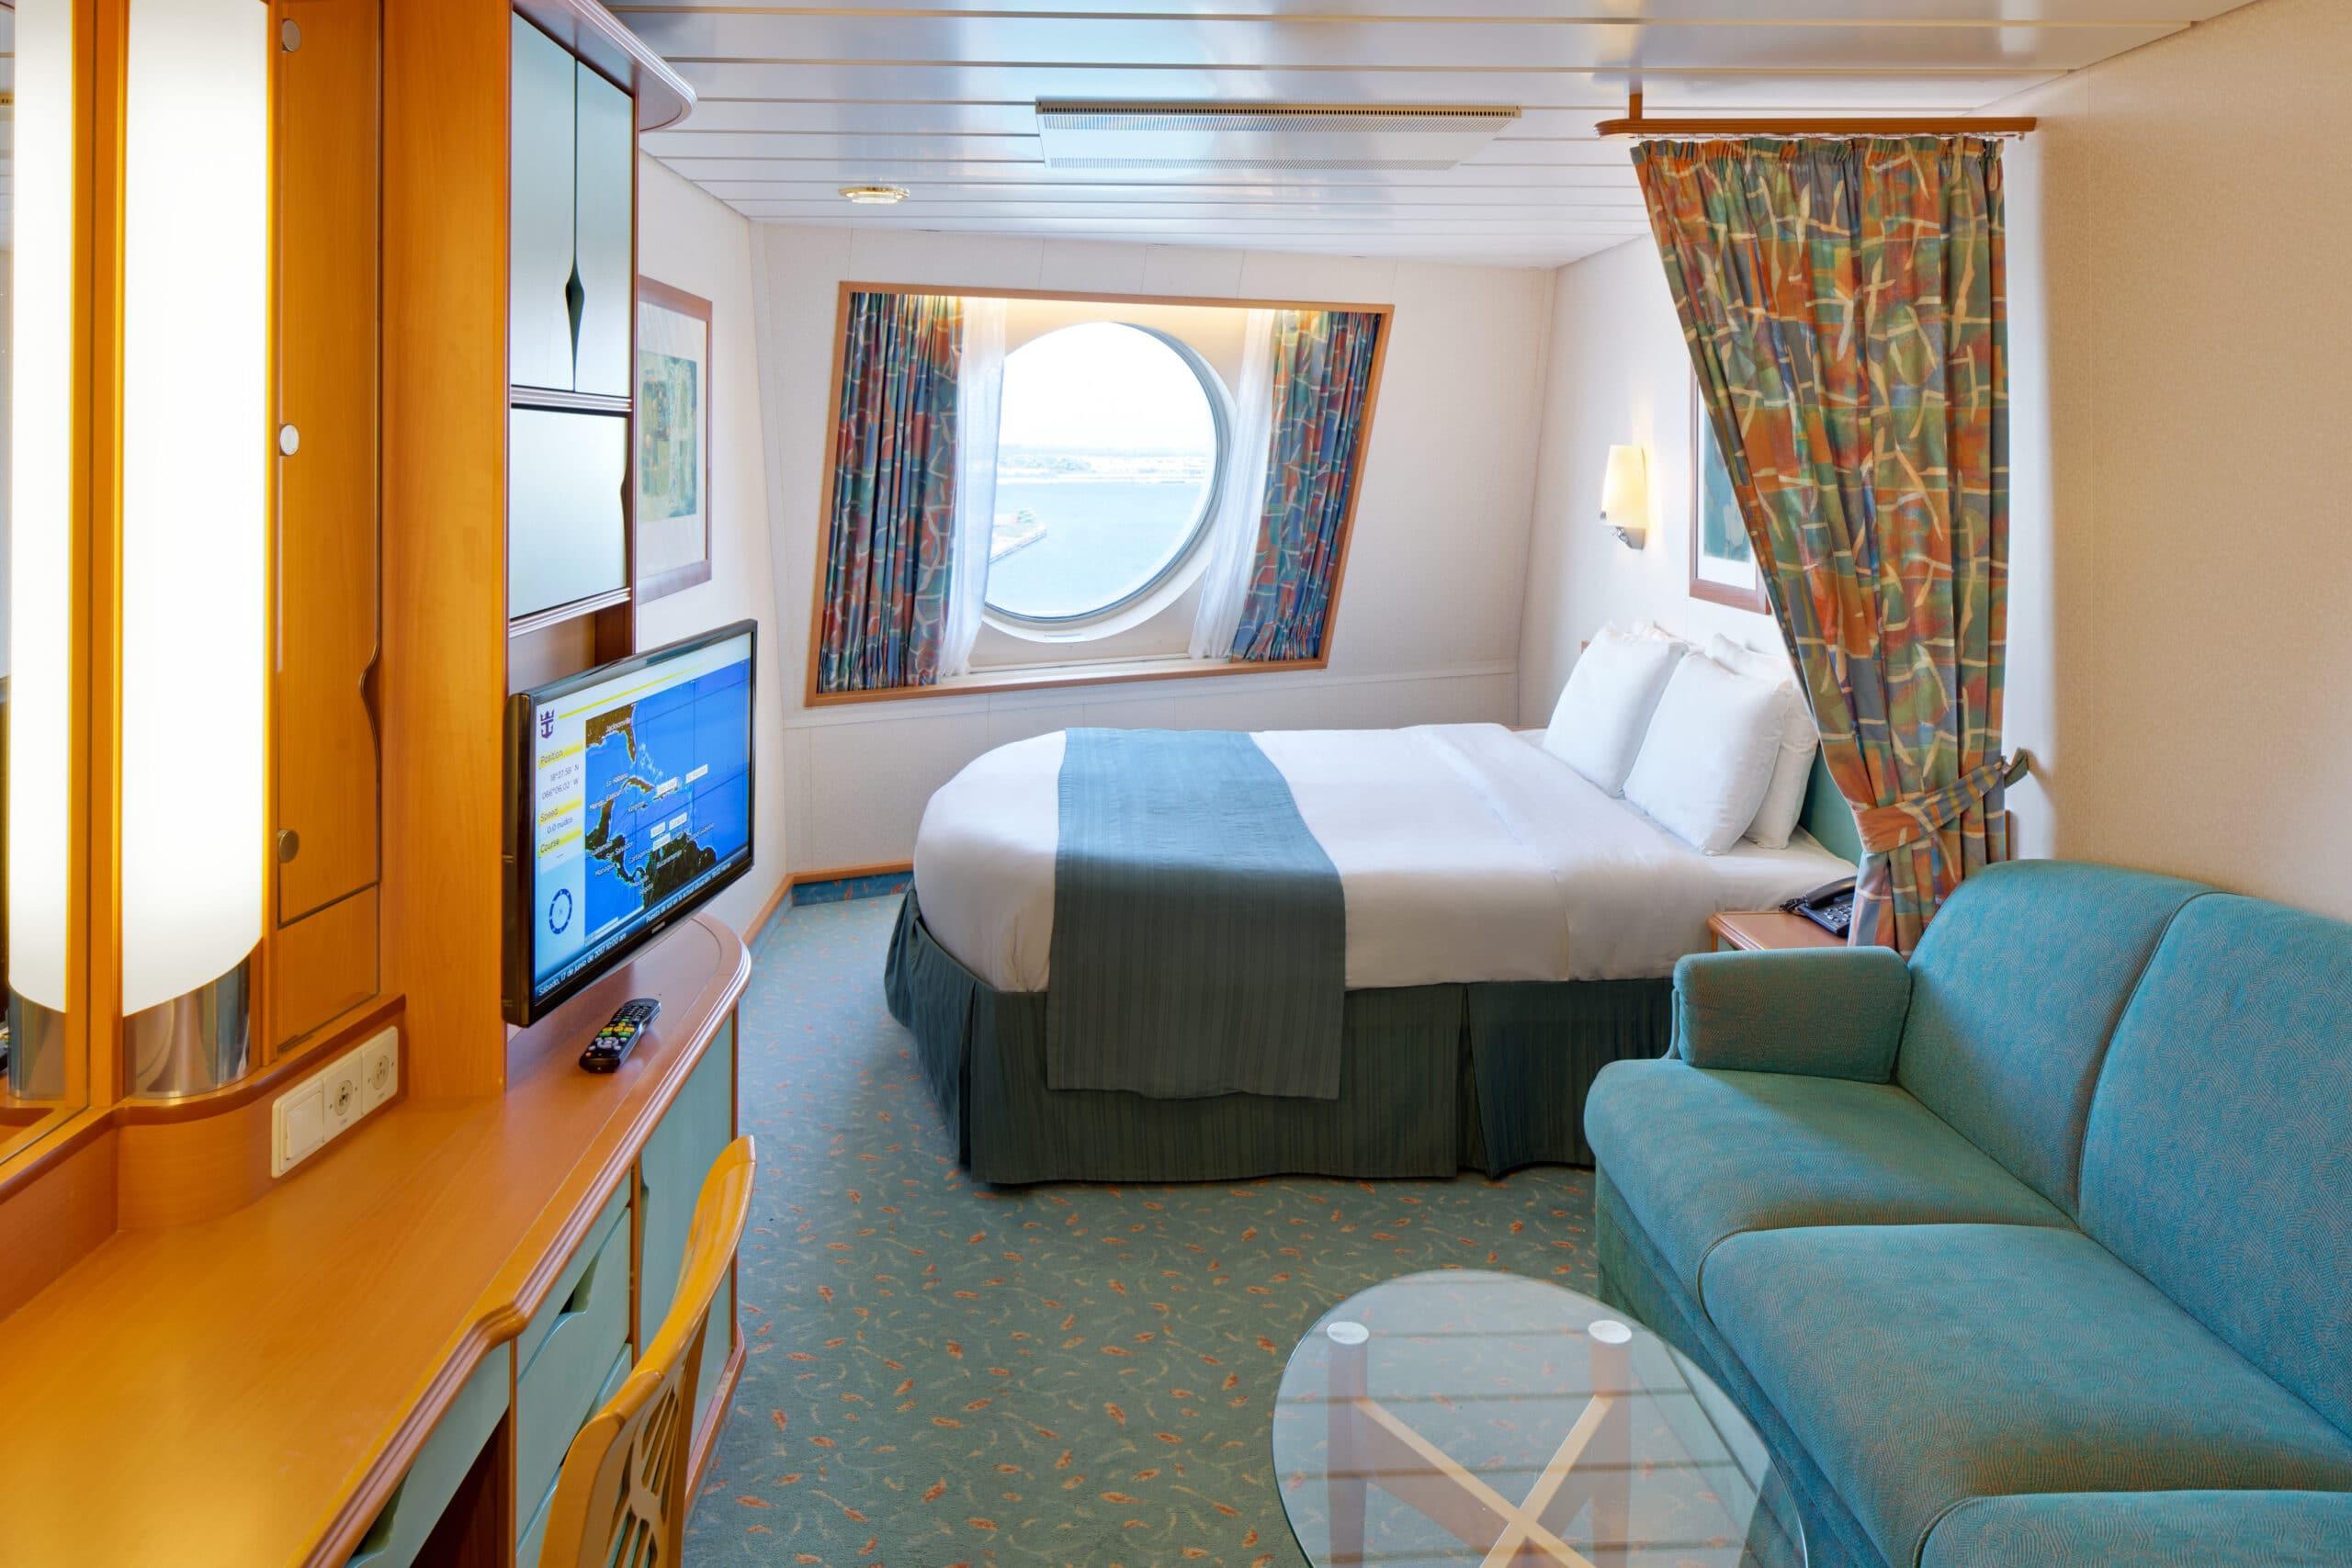 Royal-Caribbean-International-Adventure-of-the-Seas-schip-cruiseschip-categorie-1M-4M-ruime-buitenhut